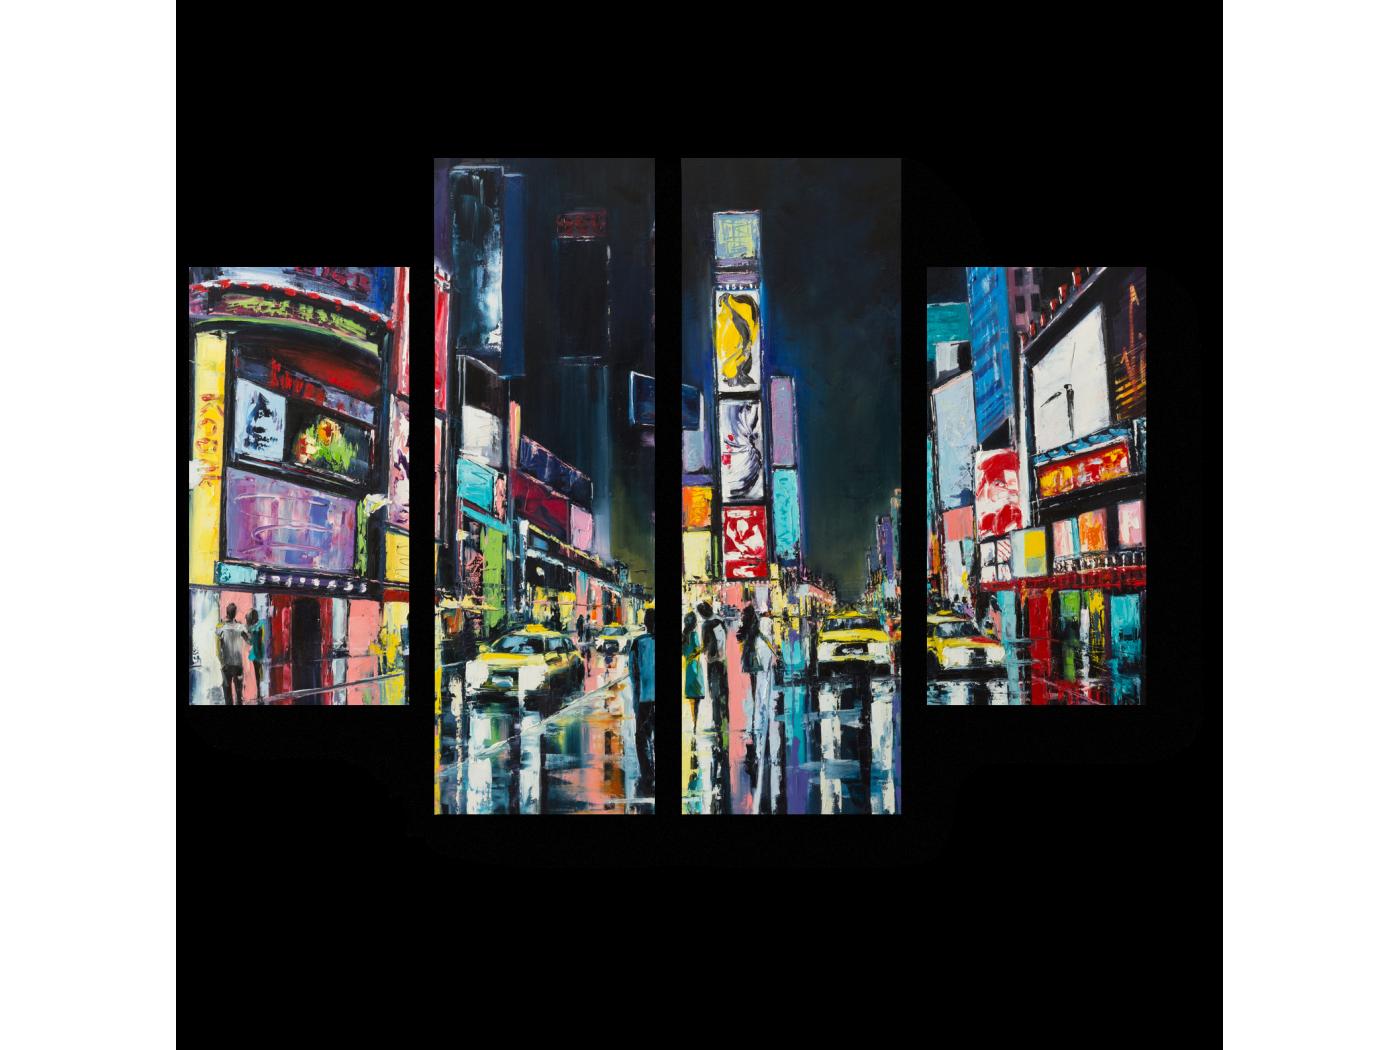 Модульная картина Нью-Йорк, Таймс-сквер. (80x60) фото